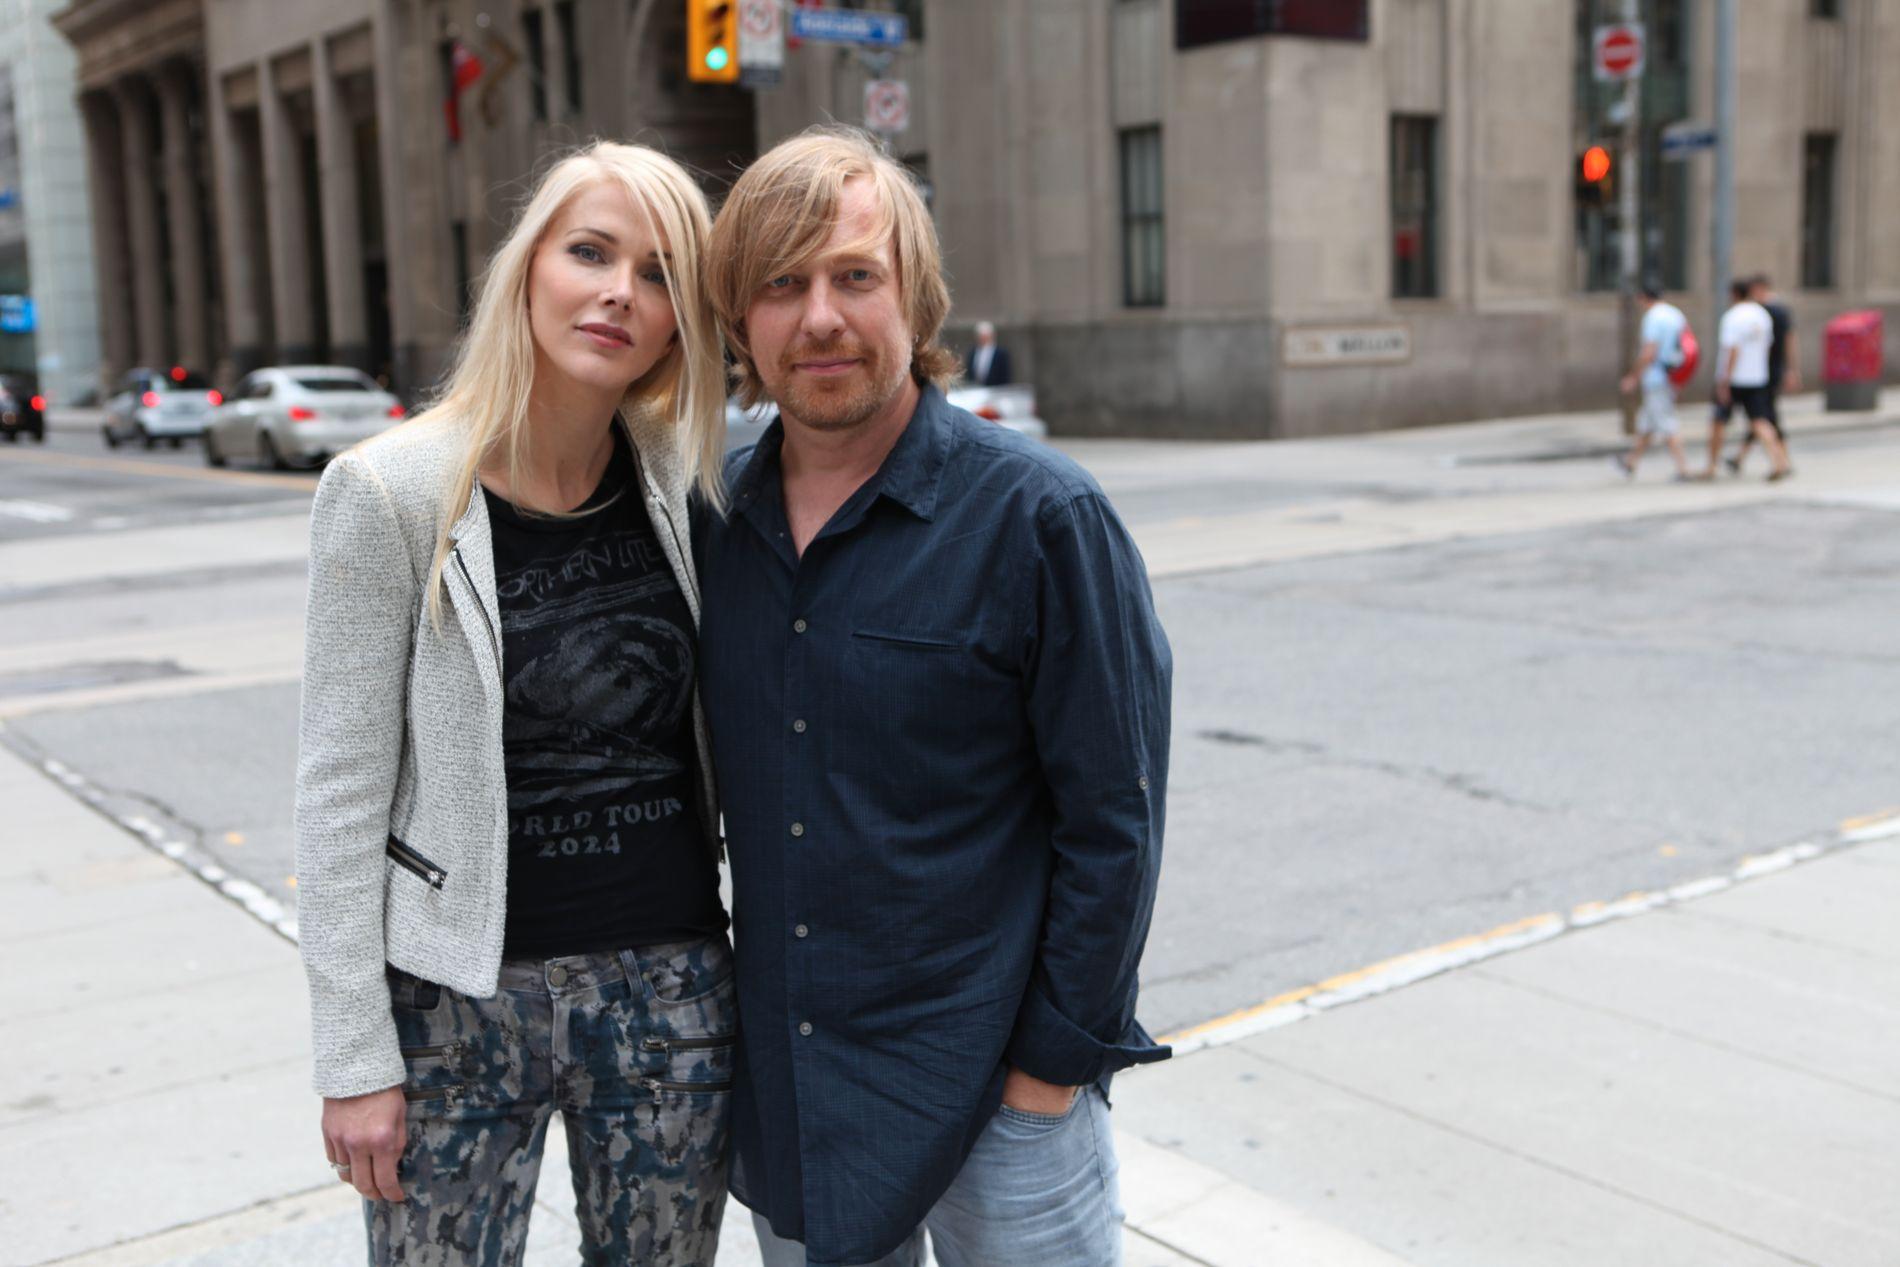 GJEVT OPPDRAG: Morten Tyldum - her med kona Janne Tyldum - har fått æren av å regissere The Office-stjernen John Krasinski i den nye serien om Jack Ryan.